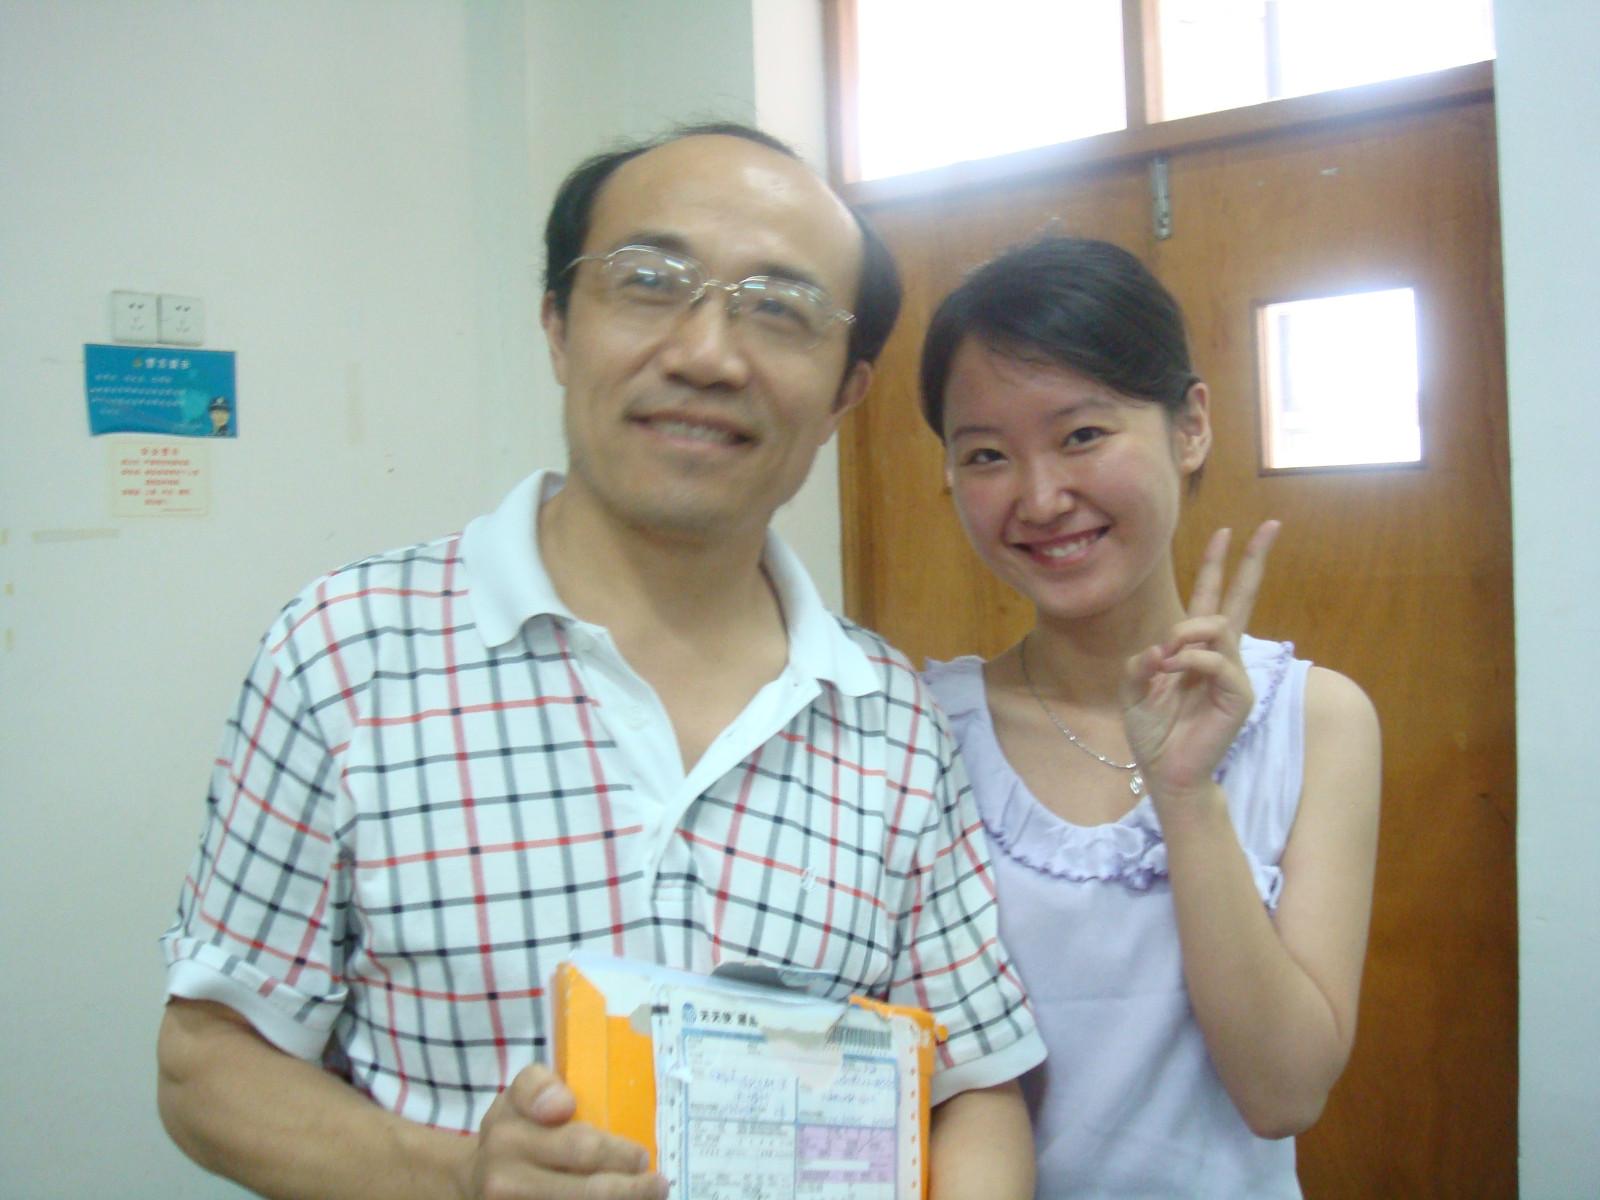 老师与杨欣蓓.jpg